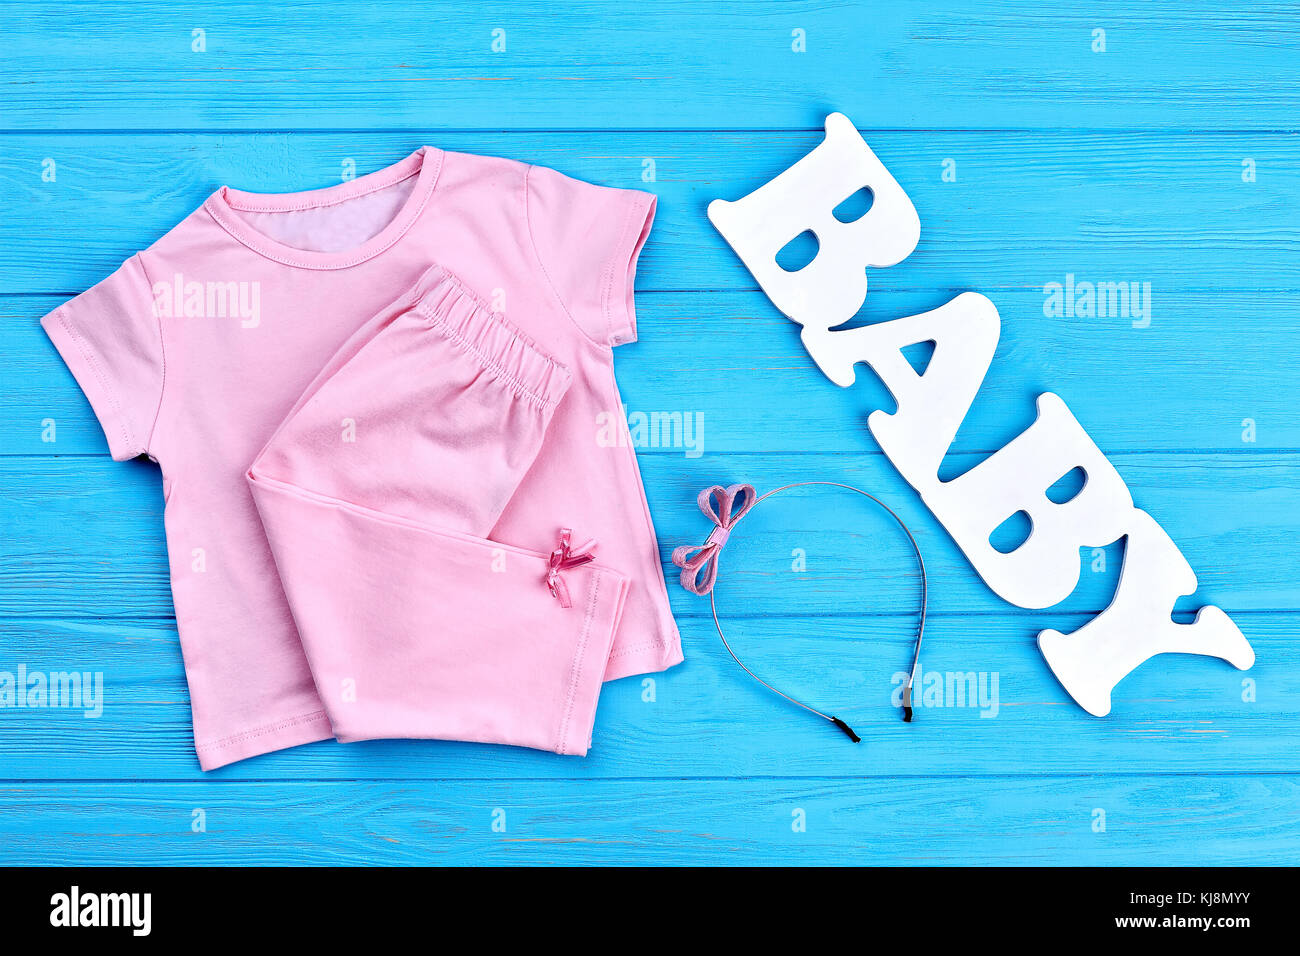 ff603c3ef1f33 Vêtements bébé fille et serre-tête. nouvelle marque de vêtements pour bébé-fille  et fgure mot bébé